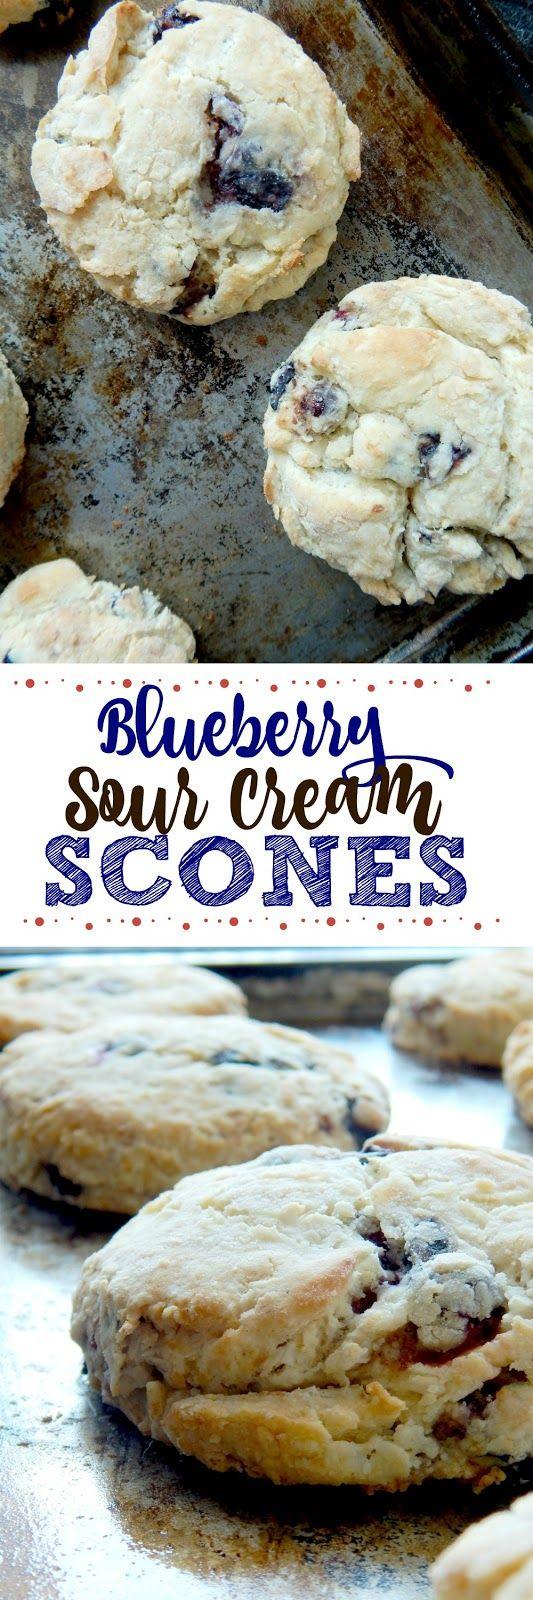 Blueberry Sour Cream Scones Recipe Sour Cream Scones Dessert Recipes Blueberry Recipes